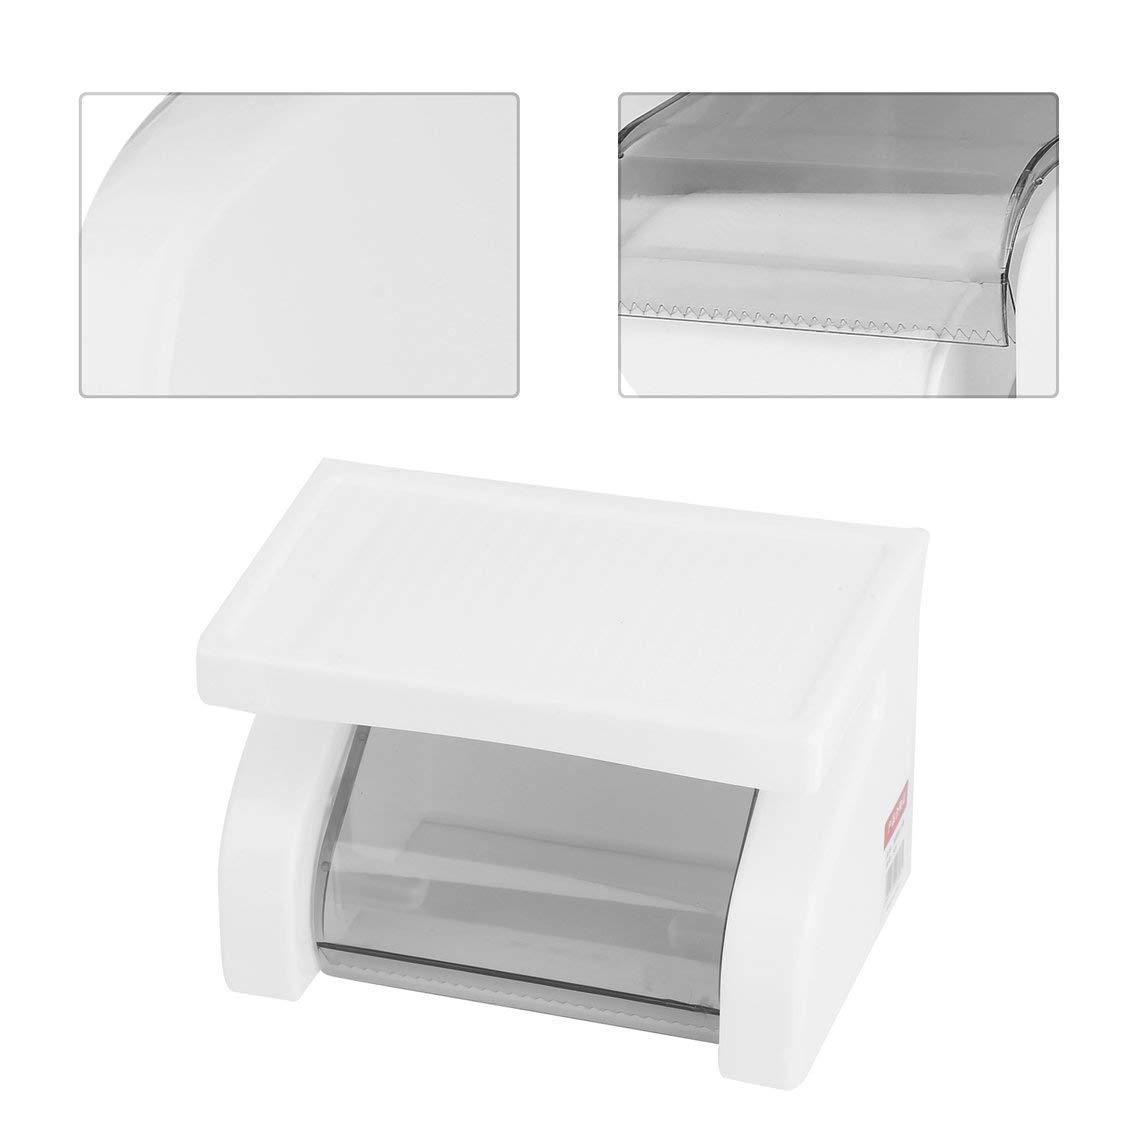 Porta carta igienica in plastica impermeabile da parete Porta carta igienica Porta rotolo di carta Accessori bagno